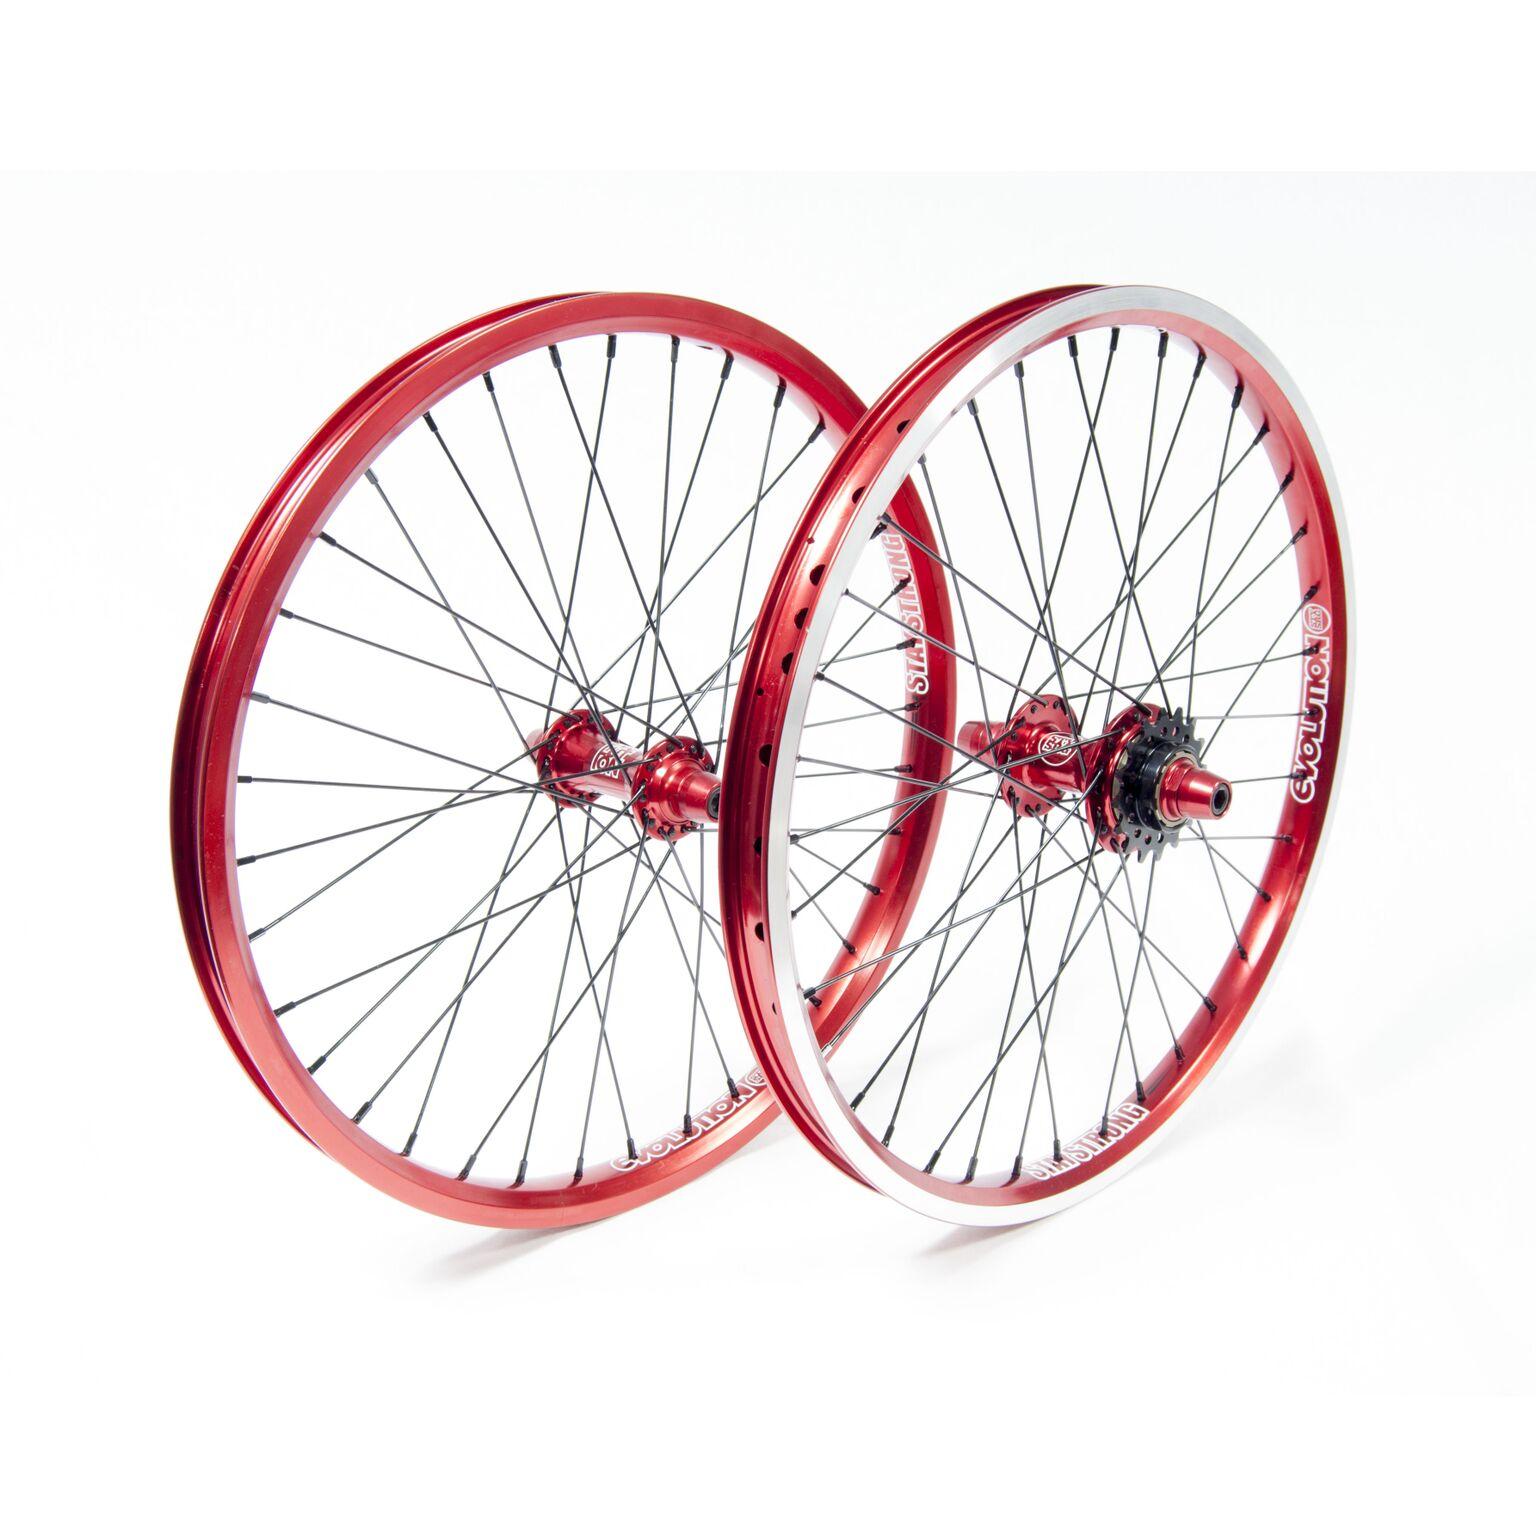 SS-Evo Red Pro-HR